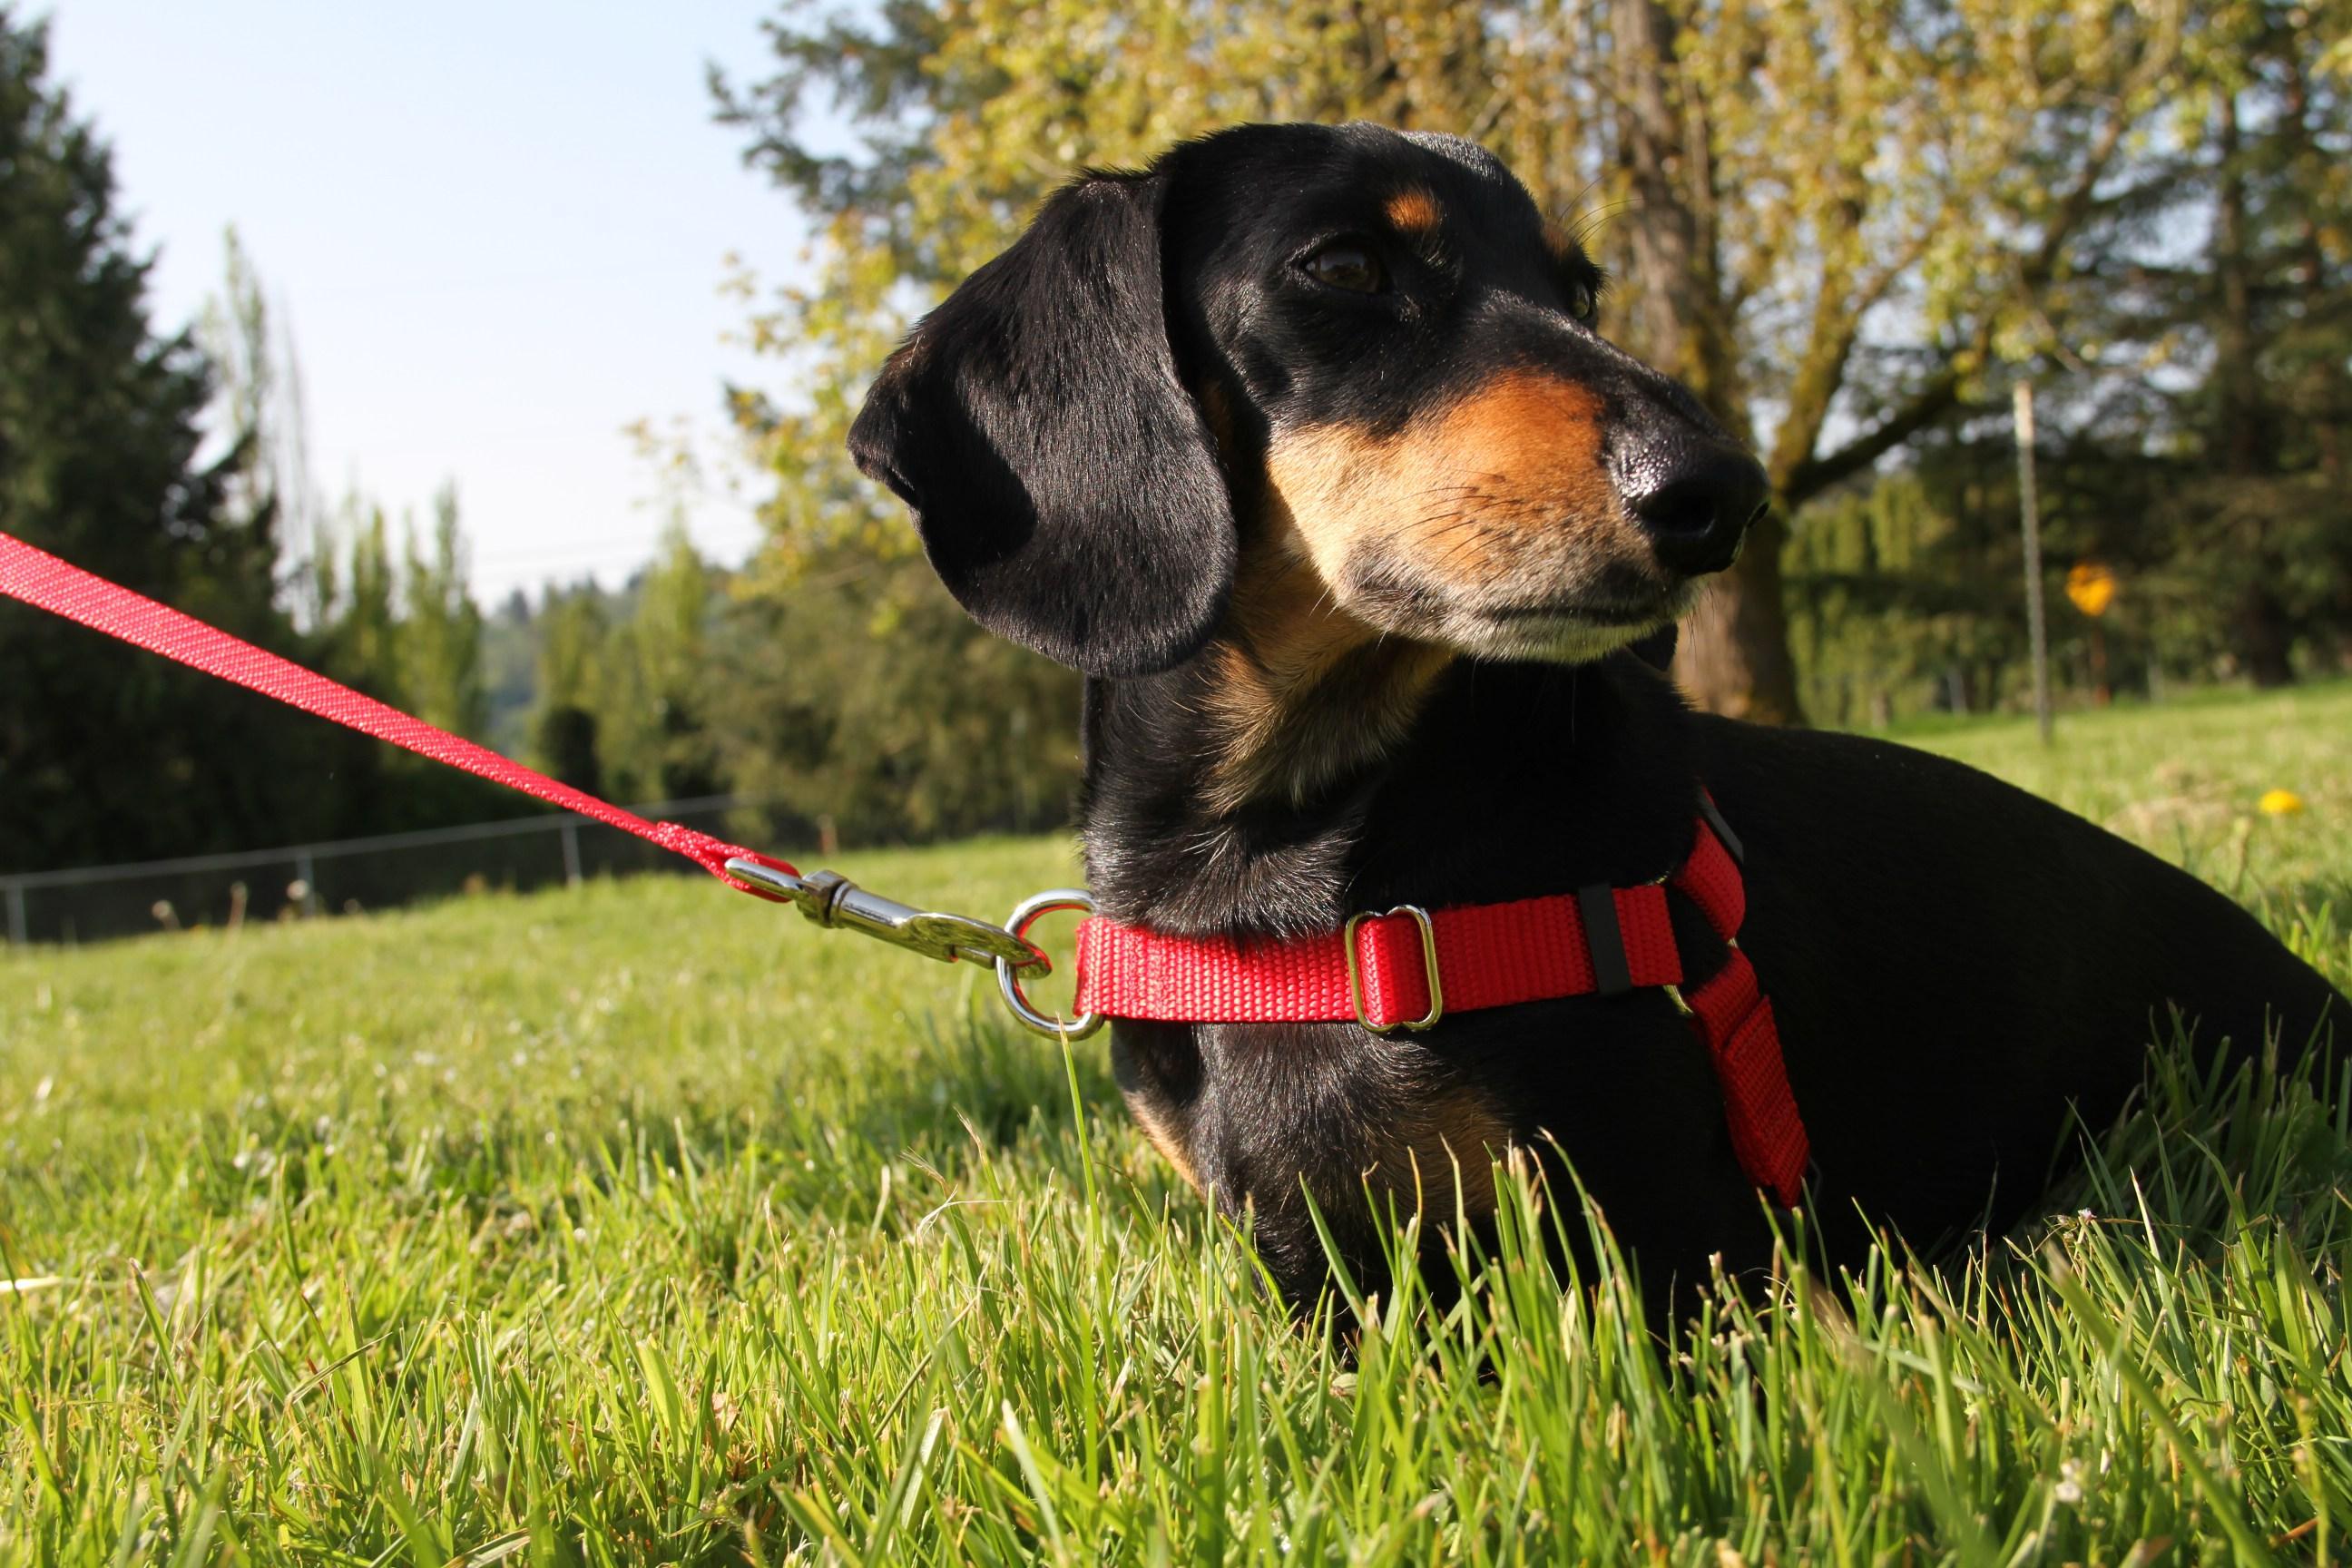 Guia presa na parte frontal do corpo do Pet ajuda muito a corrigir cães que puxam durante o passeio.